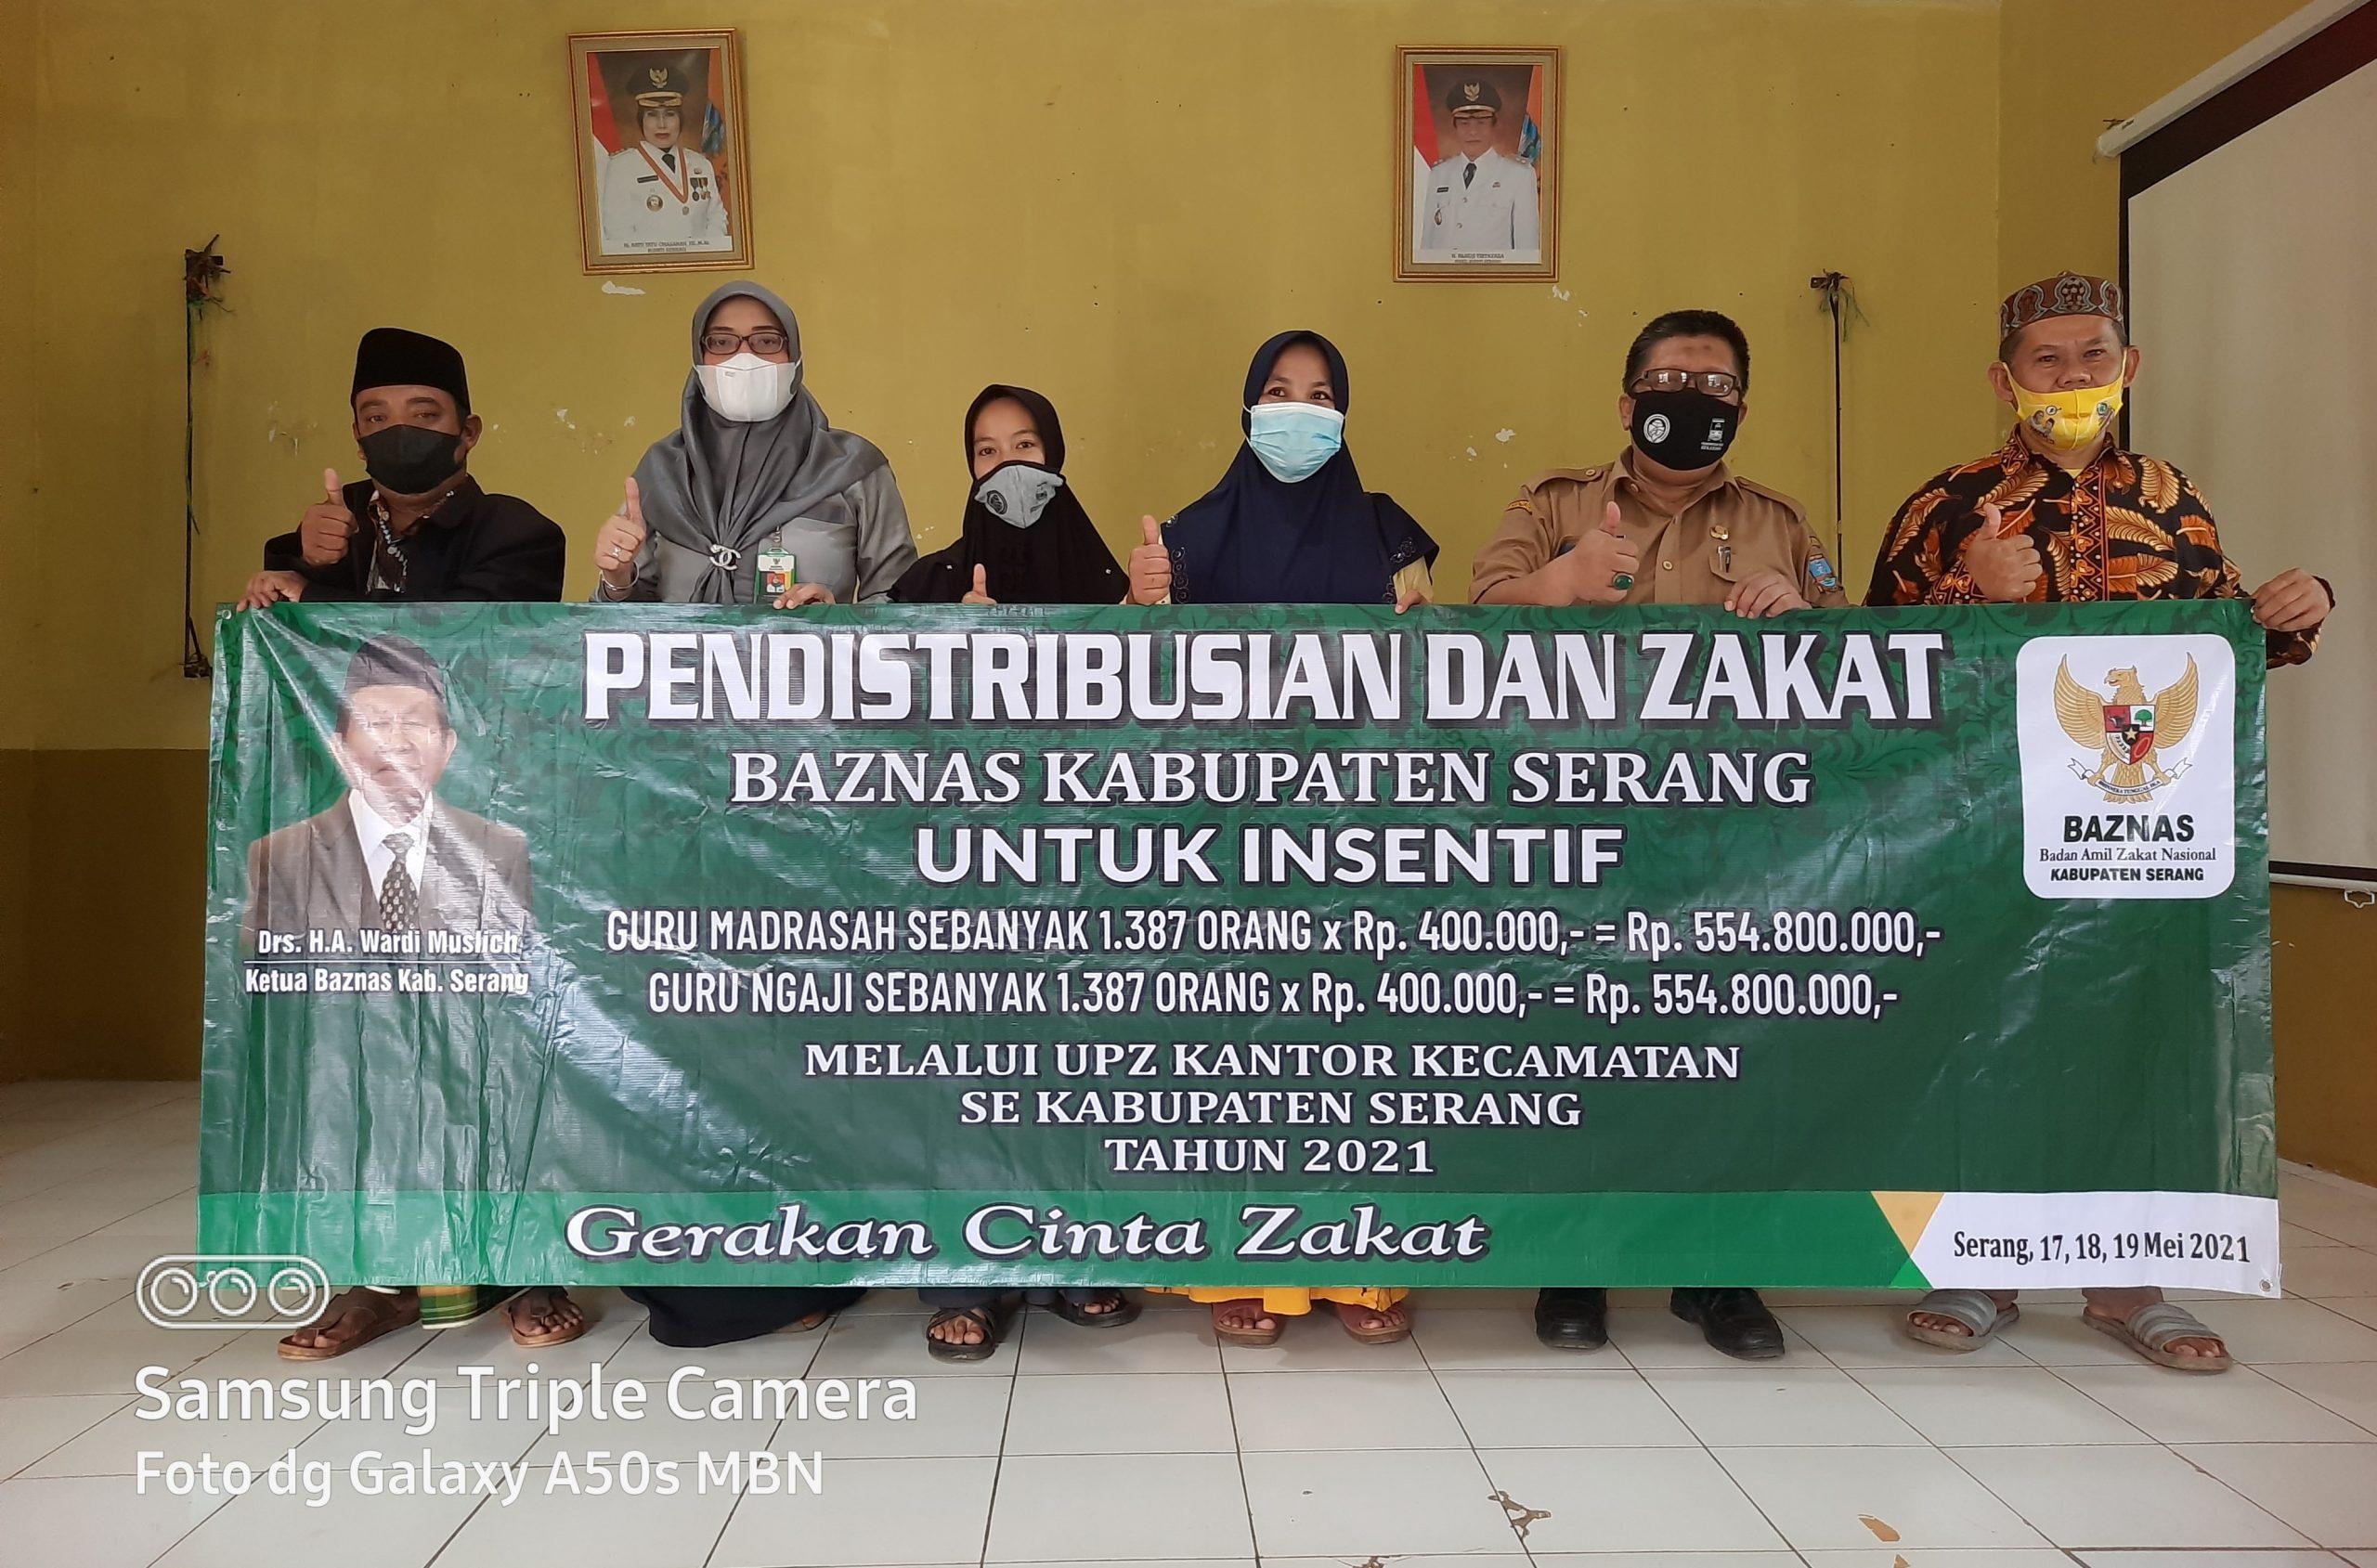 Gambar Baznas Kabupaten Serang Salurkan Bantuan kepada Guru Ngaji dan Guru Madrasah di Ciomas 15